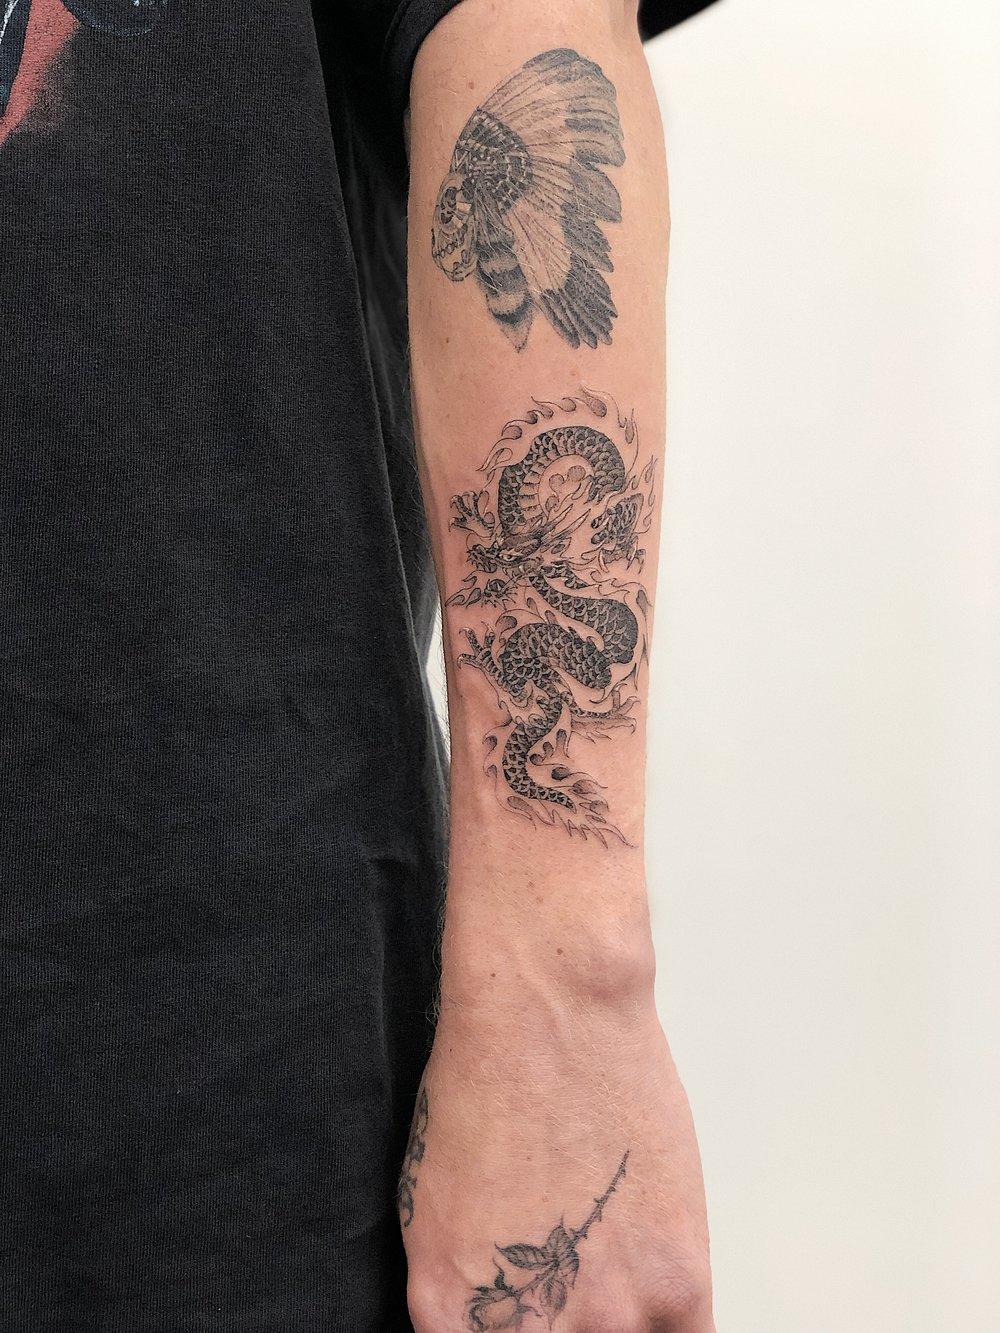 Tattoos-by-Big-Steve-Fun-City-Tattoo-3.JPG